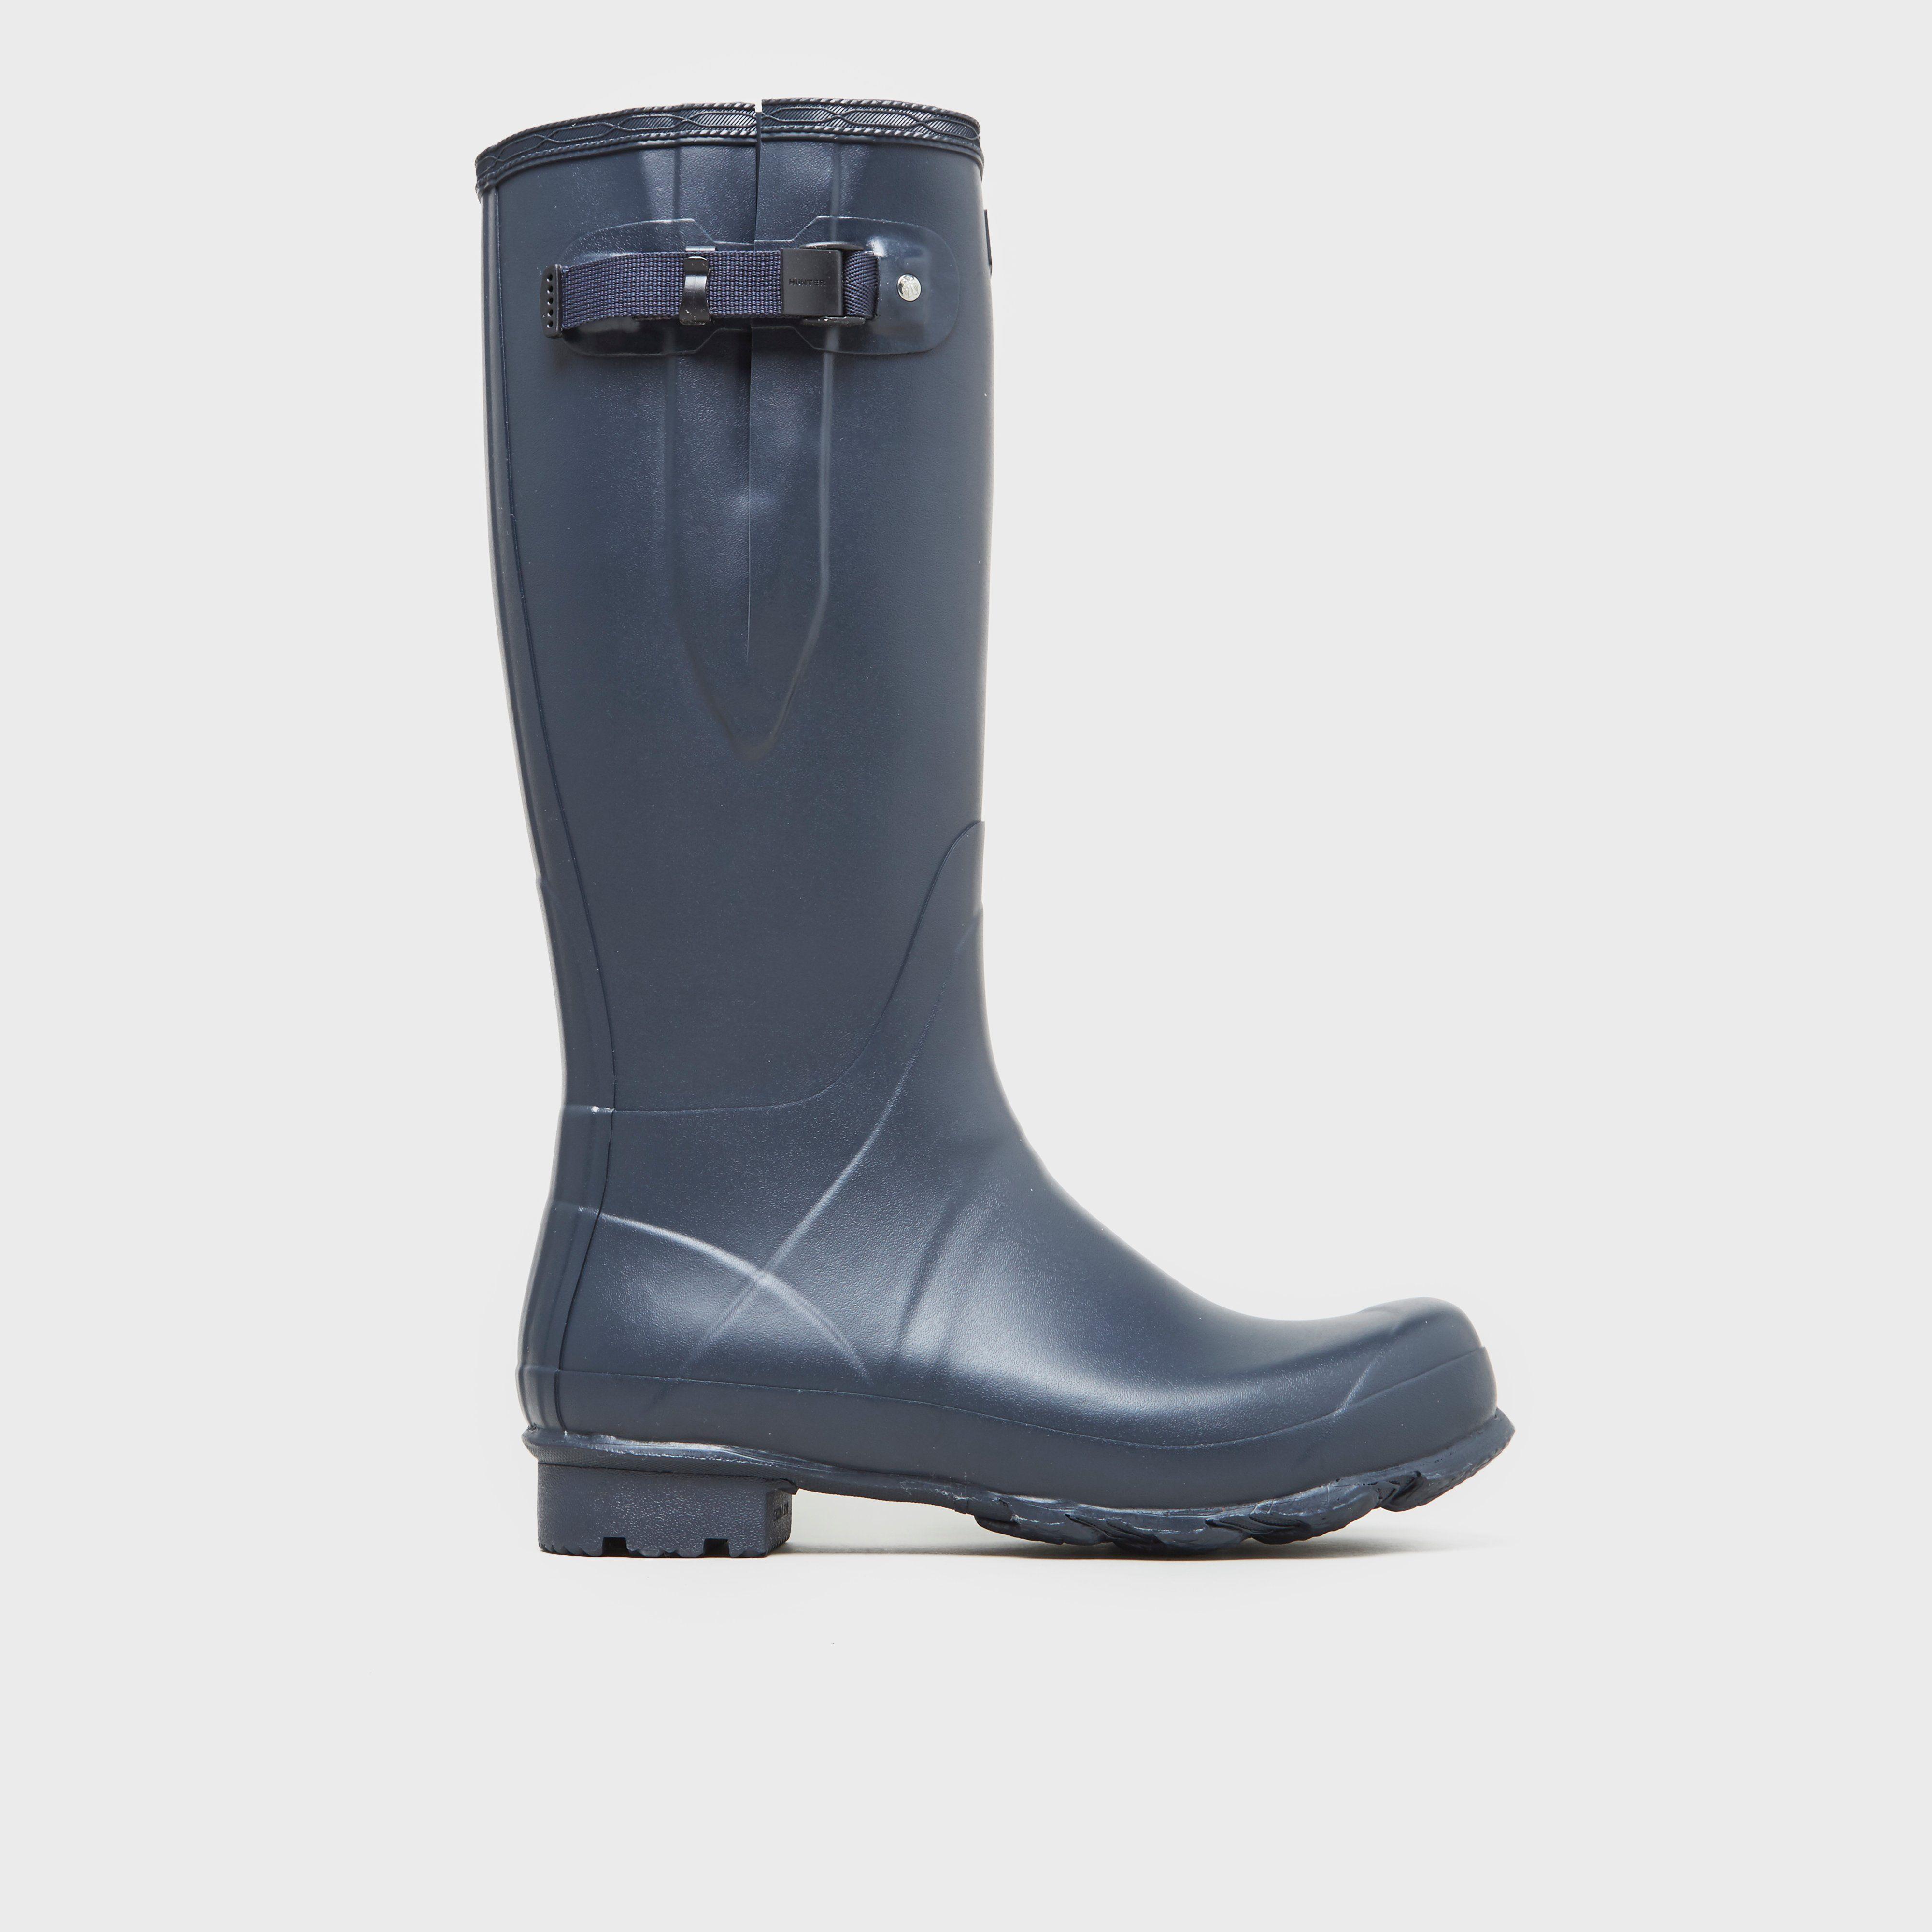 HUNTER Men's Norris Field Adjustable Wellington Boots